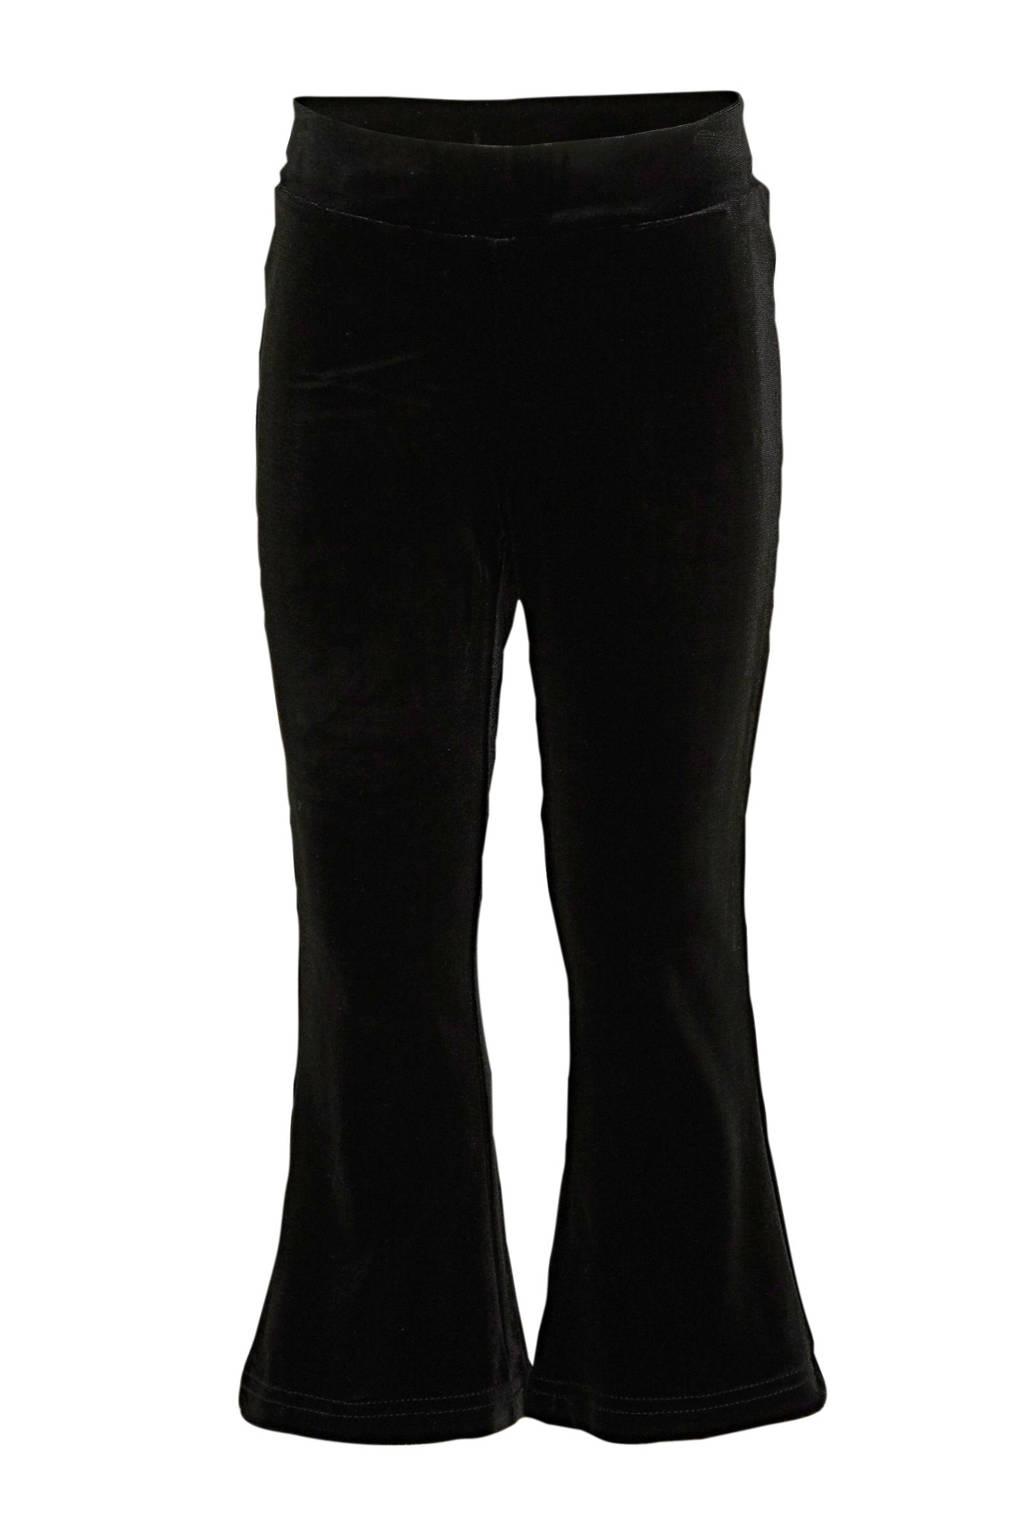 NAME IT MINI broek Sorikka zwart, Zwart